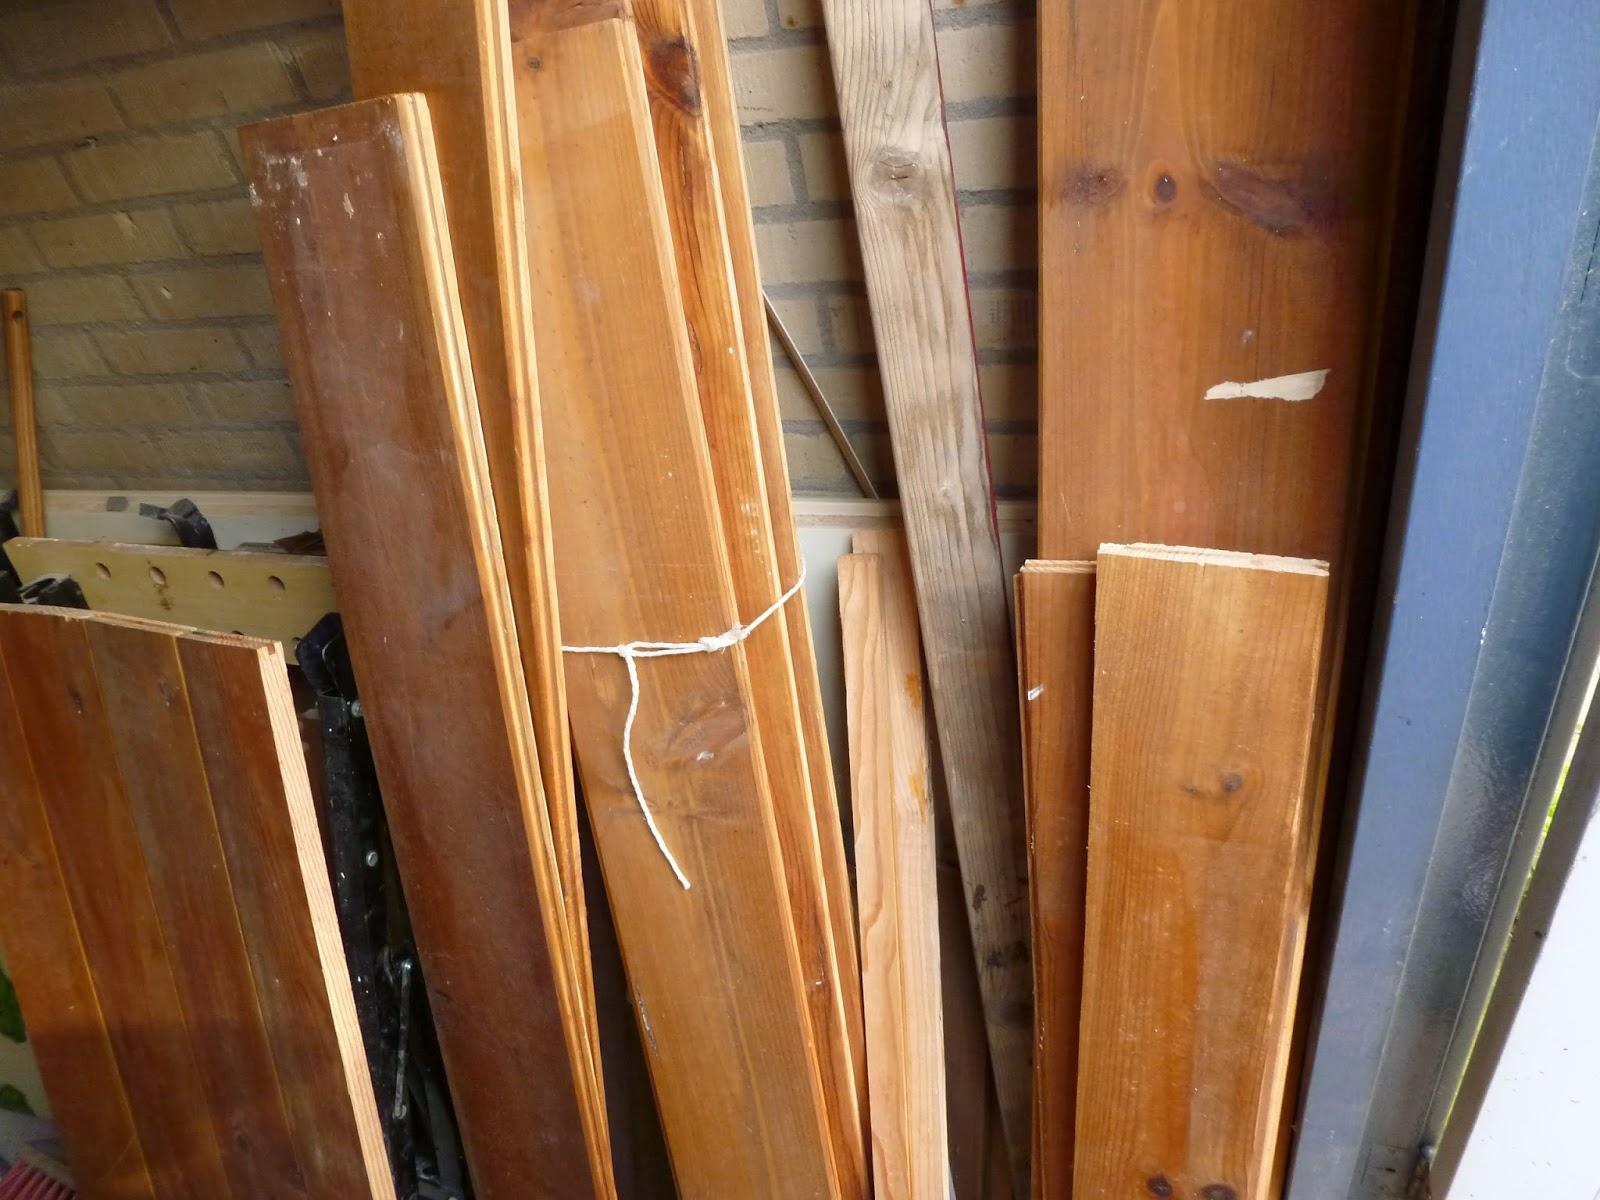 Creatief hergebruiken recycle als hobby van oude planken naar een nieuwe sloophouten salontafel - Keukenmeubelen hout recyclen ...